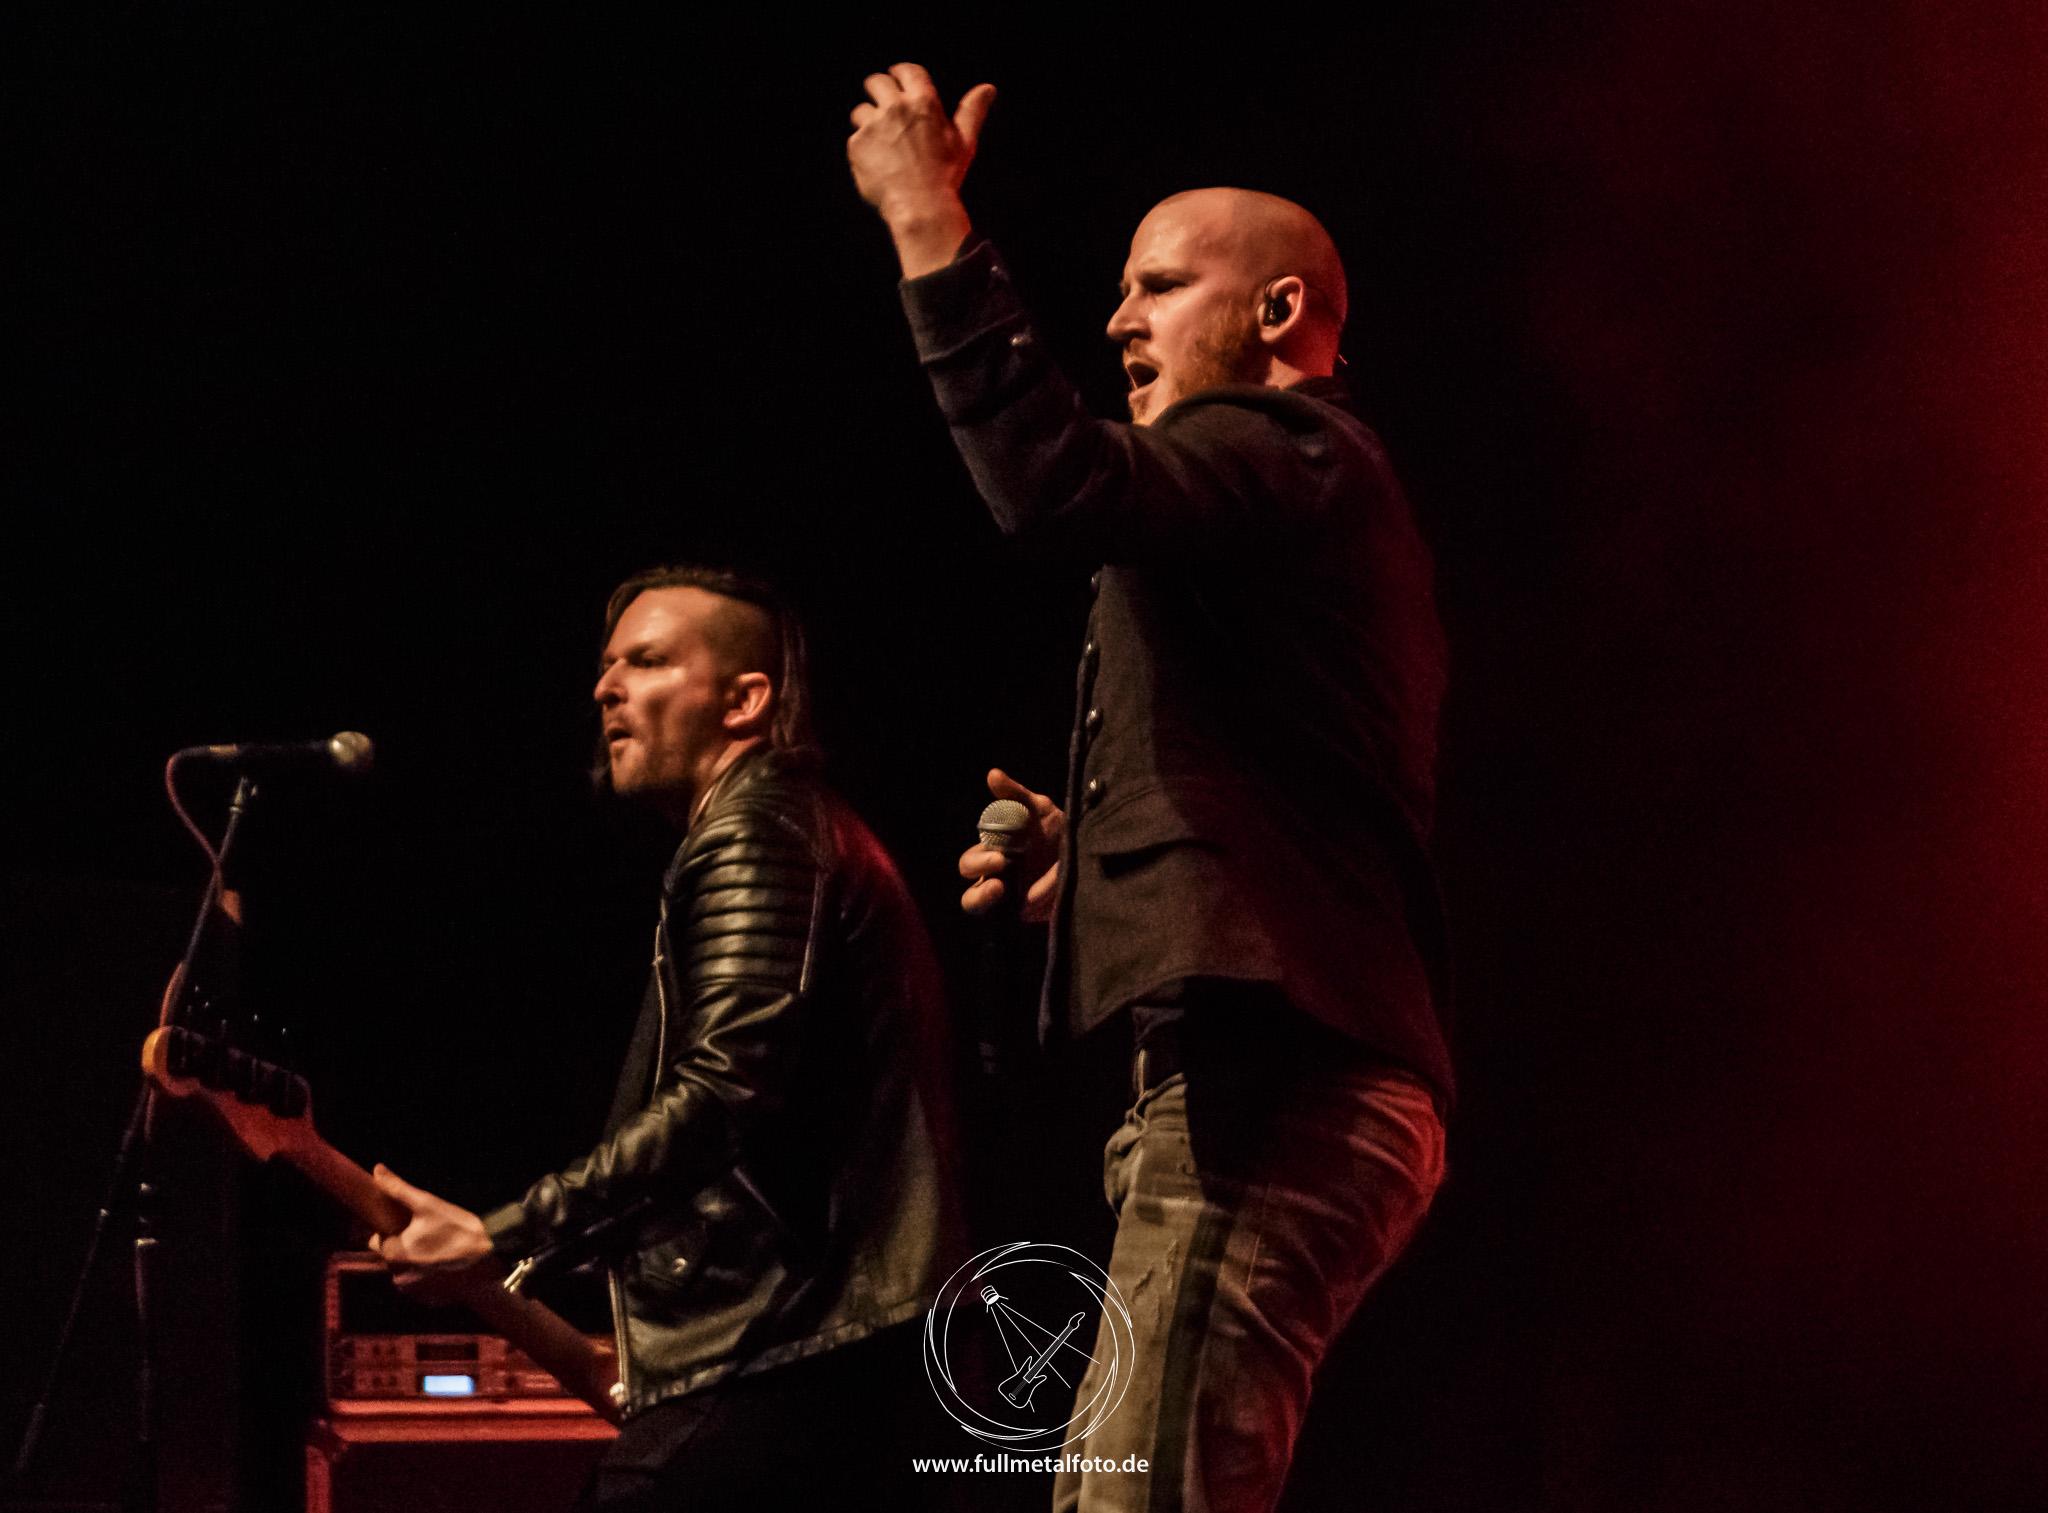 Saxon Tour 2018, Frankfurt, Full Metal Foto 4